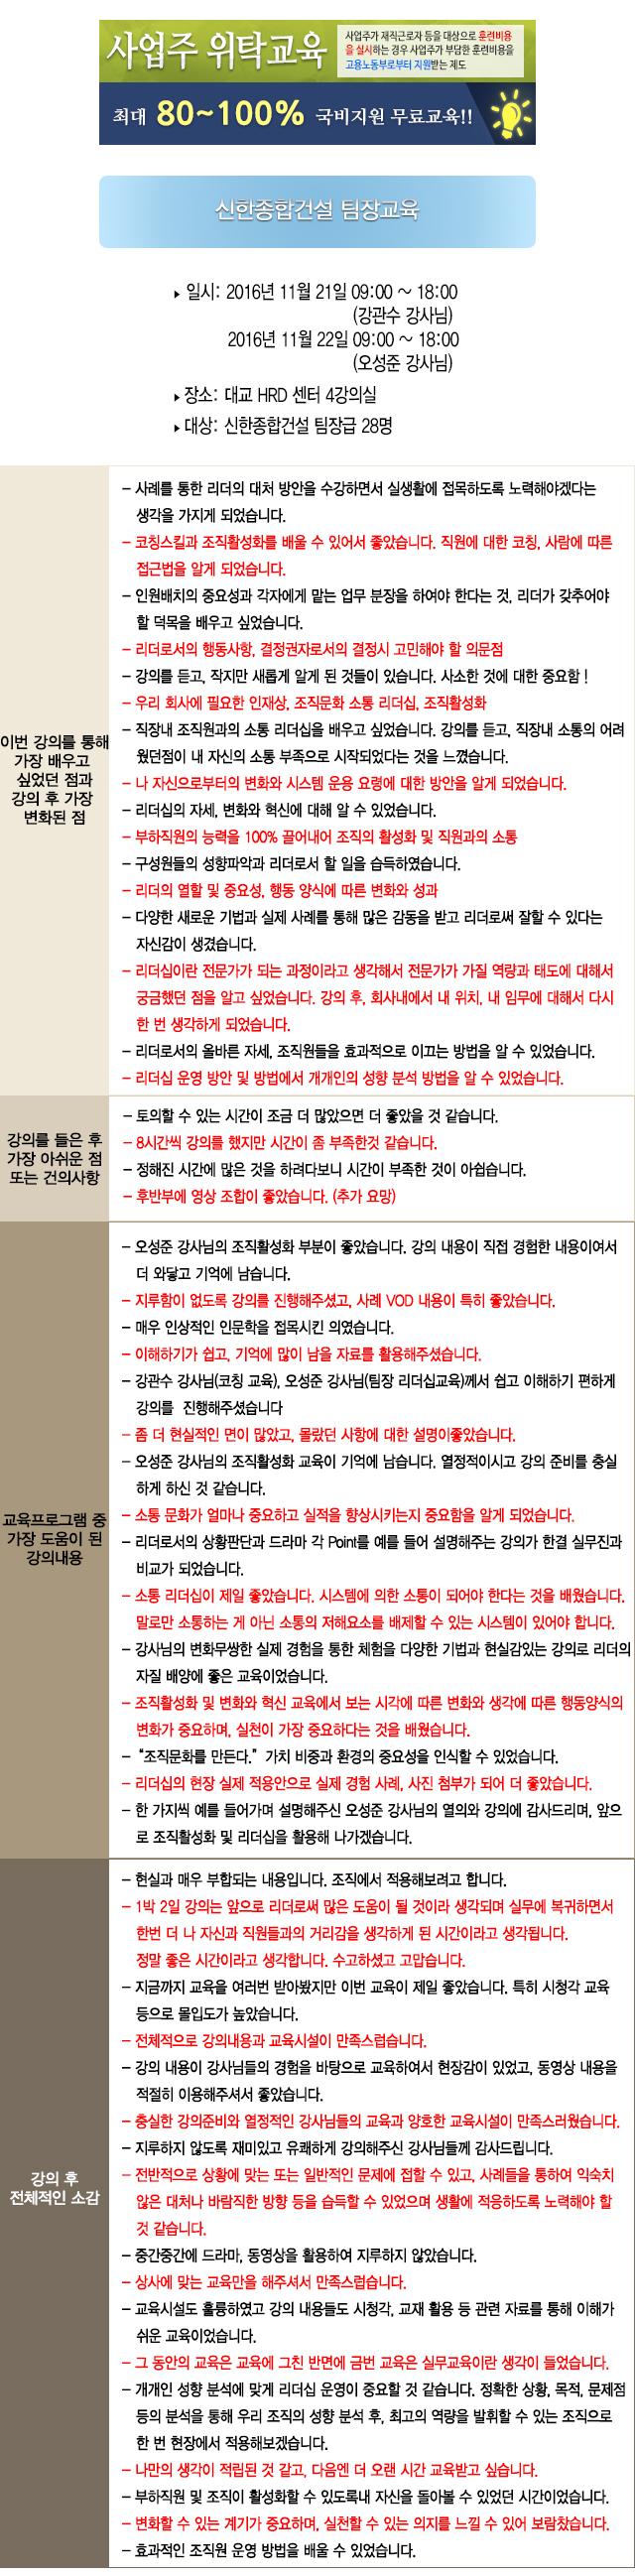 한국중앙인재개발원 후기 팀장.jpg